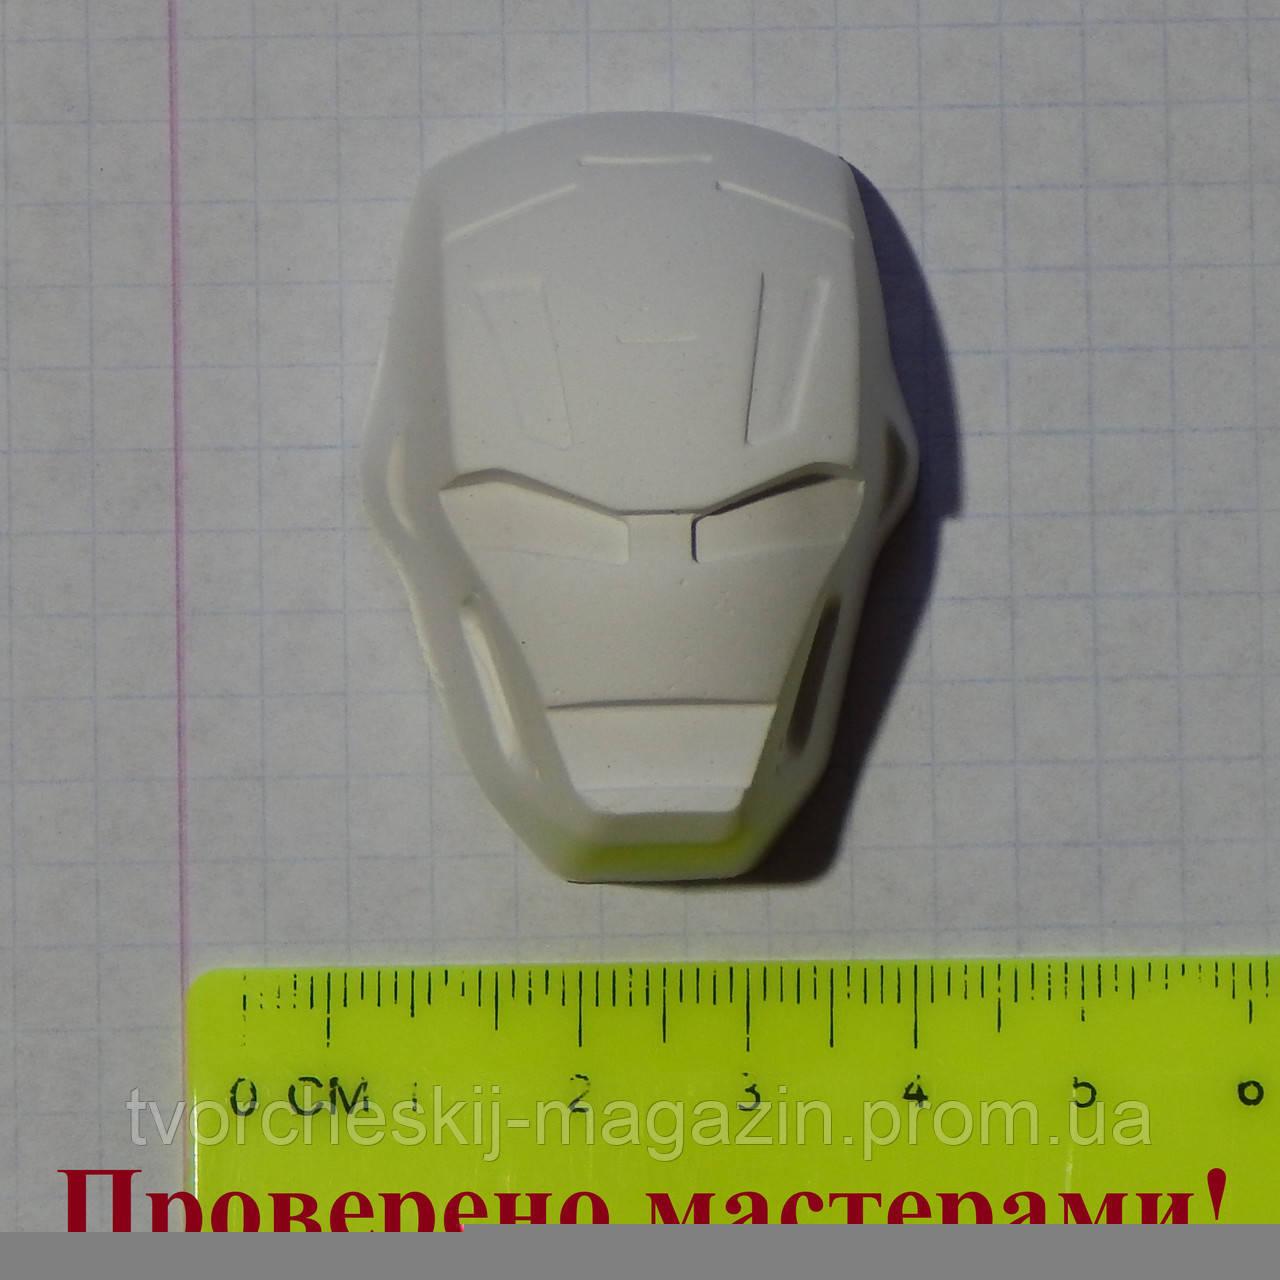 Фигурка из гипса маска Железного Человека. Гипсовая фигурка для раскрашивания